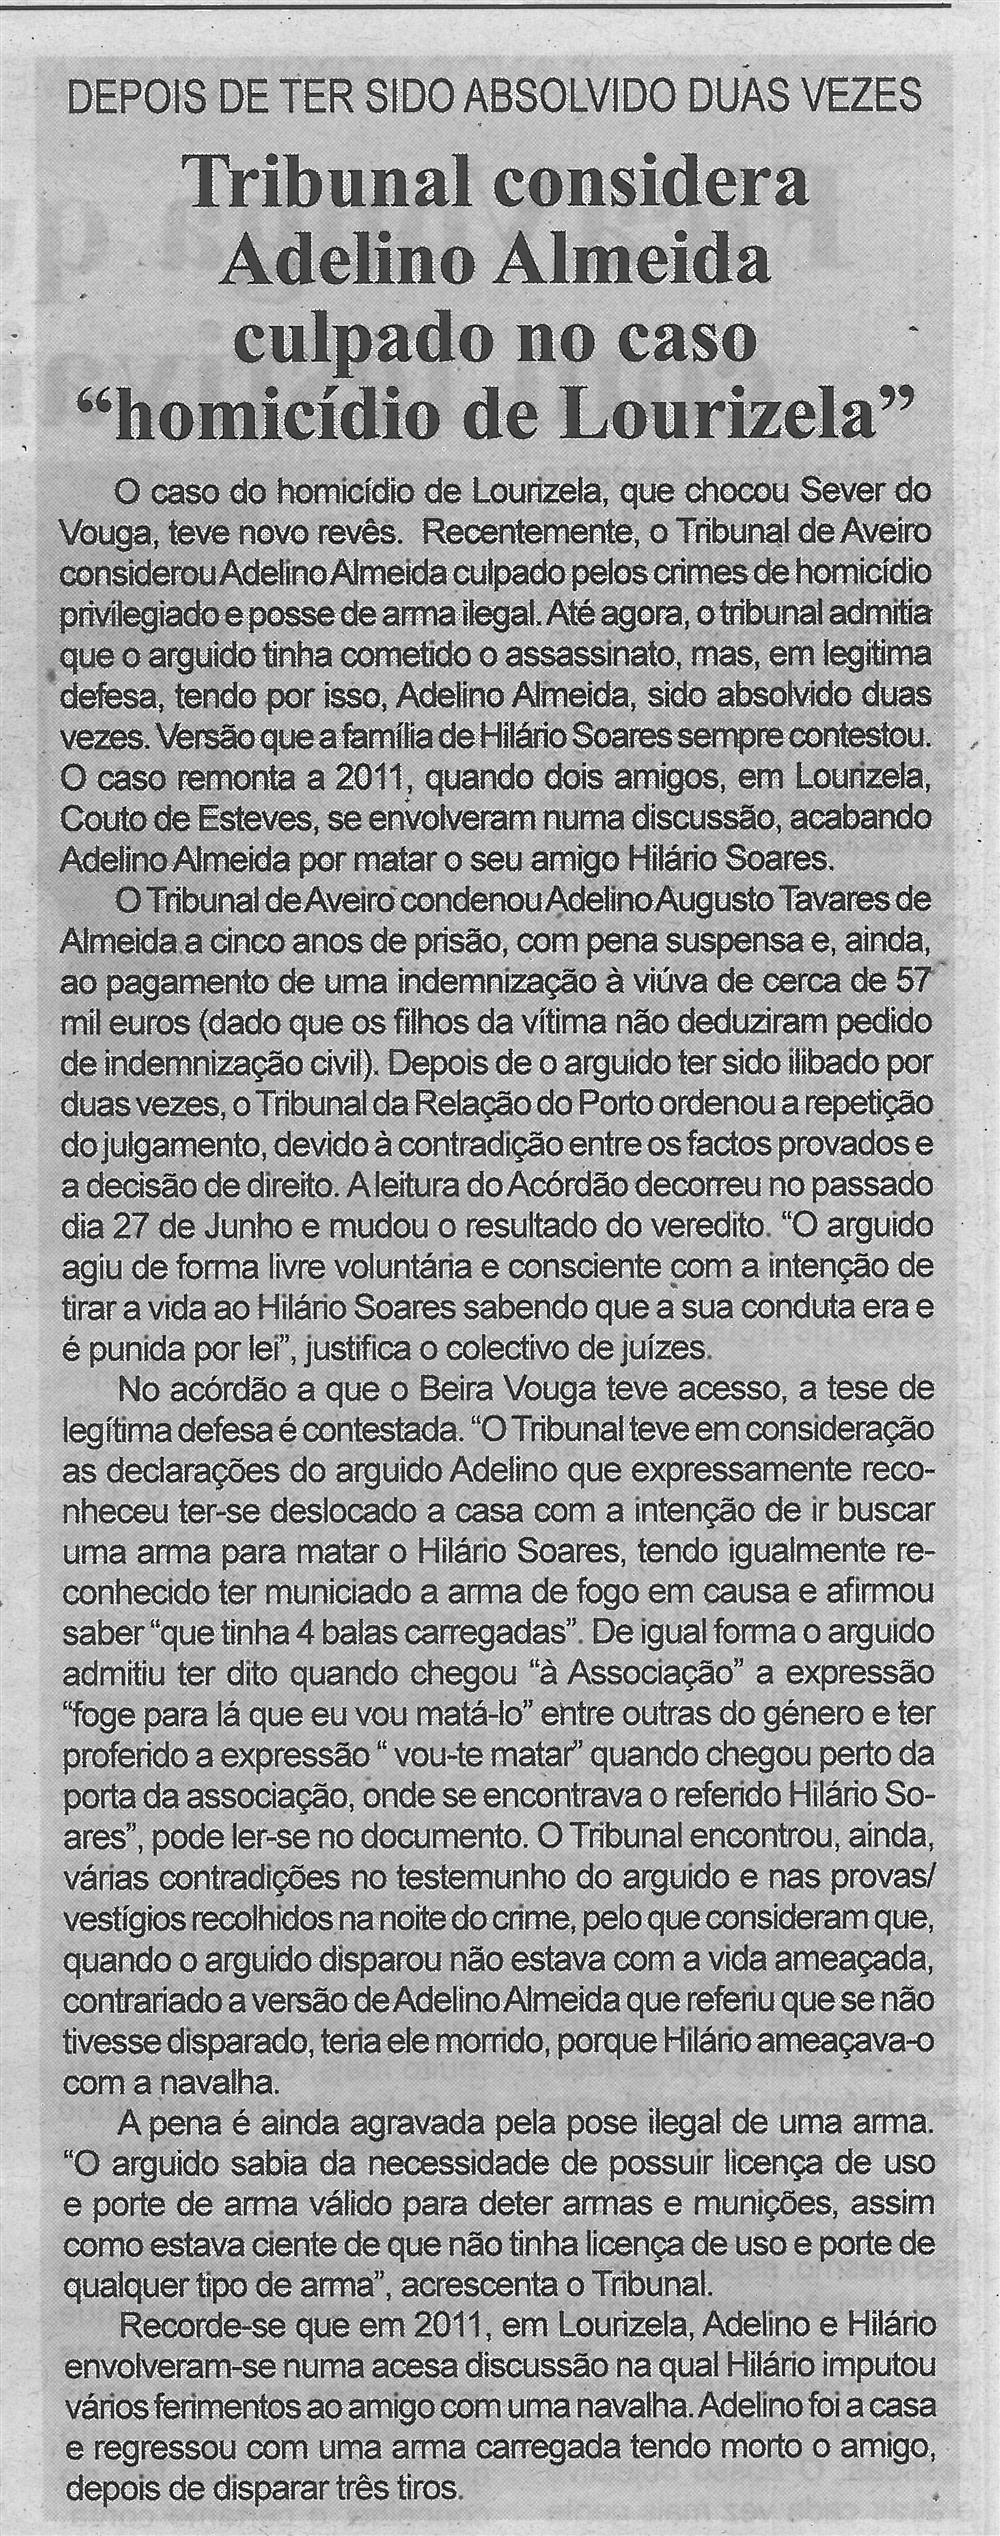 BV-2.ªjul.'16-p.4-Tribunal considera Adelino Almeida culpado no caso homicídio de Lourizela.jpg